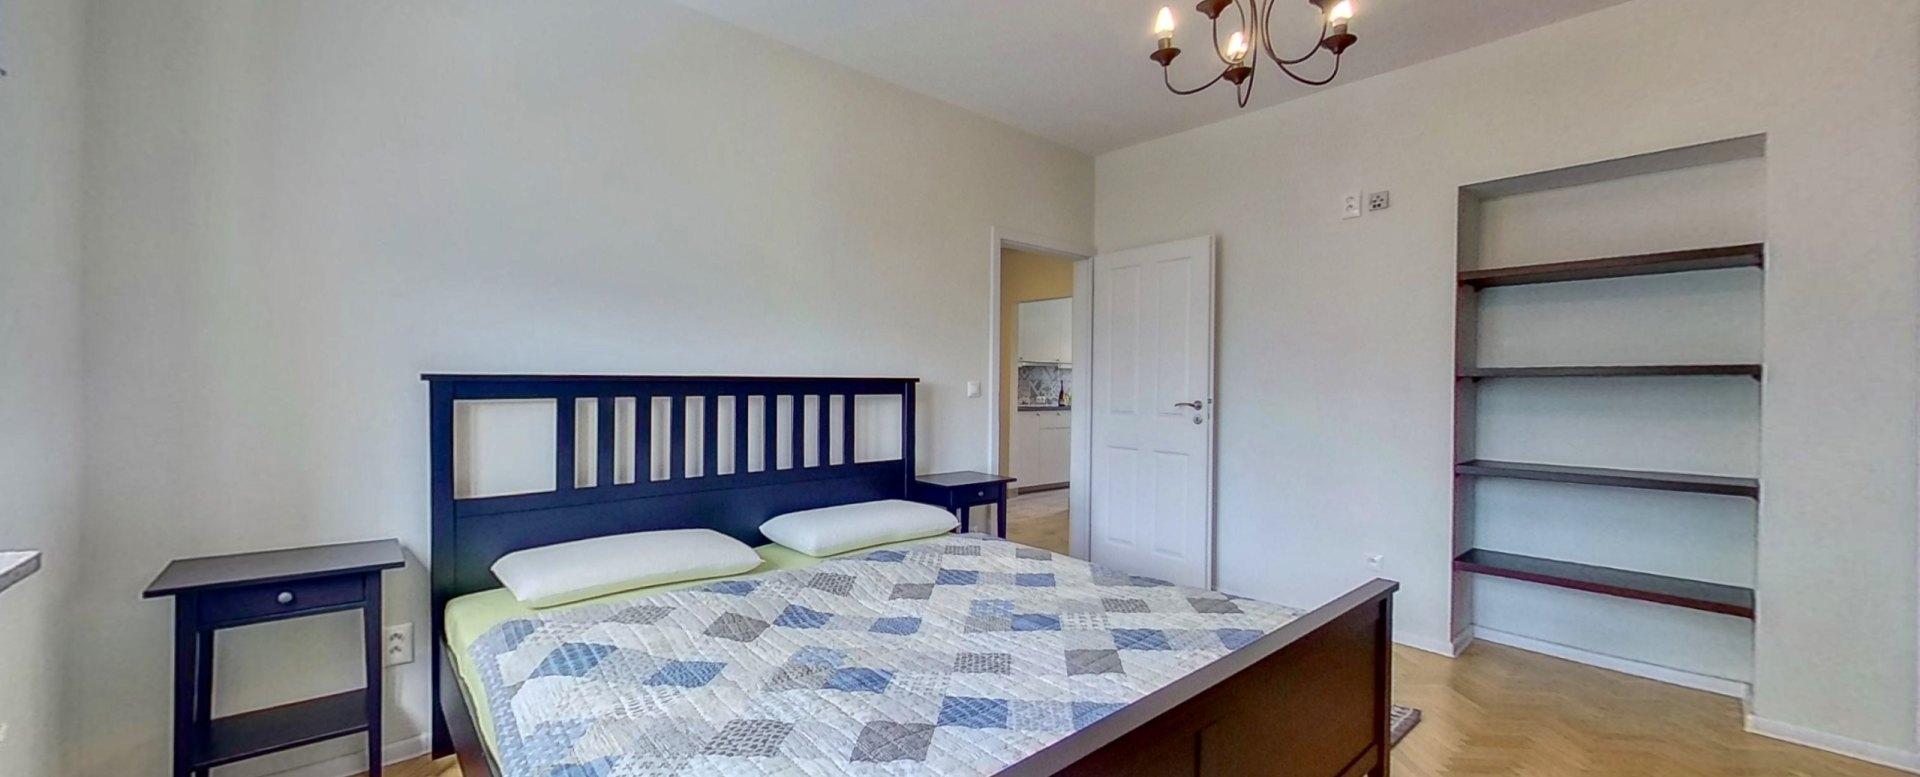 Manželská posteľ, stolíky a police